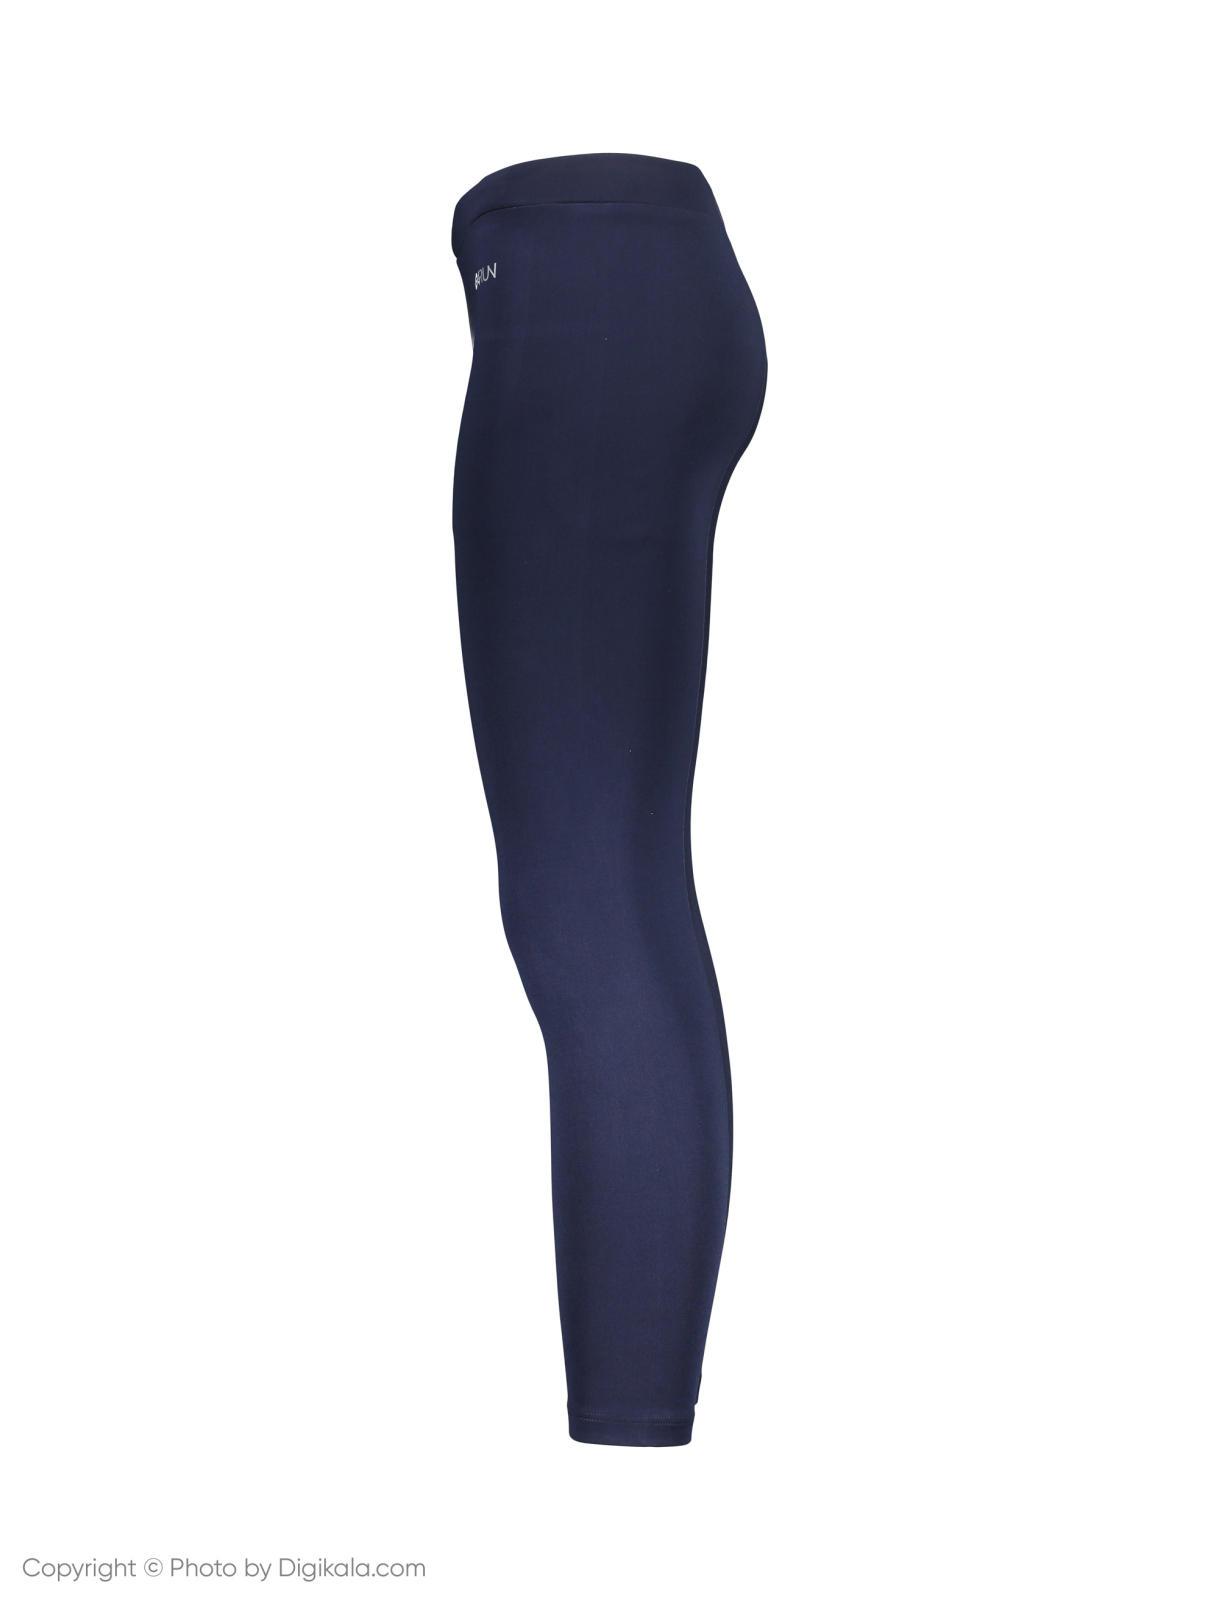 ست سویشرت و شلوار ورزشی زنانه بی فور ران مدل 980121-59 main 1 6